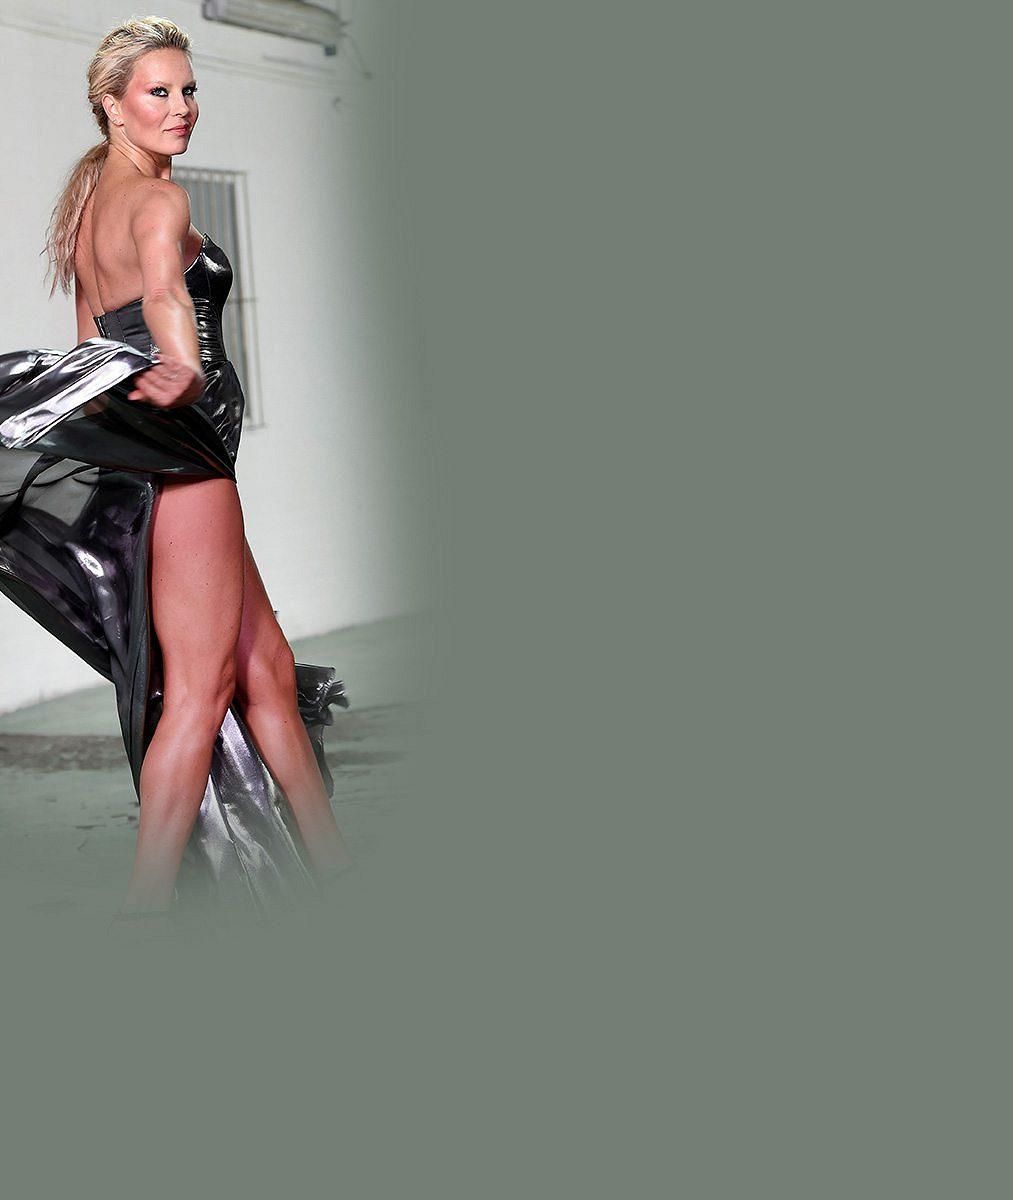 Nohy snů v pidi kraťáscích nemá zadarmo: Neuvěříte, co Simona Krainová dělá, aby po čtyřicítce vypadala dokonale